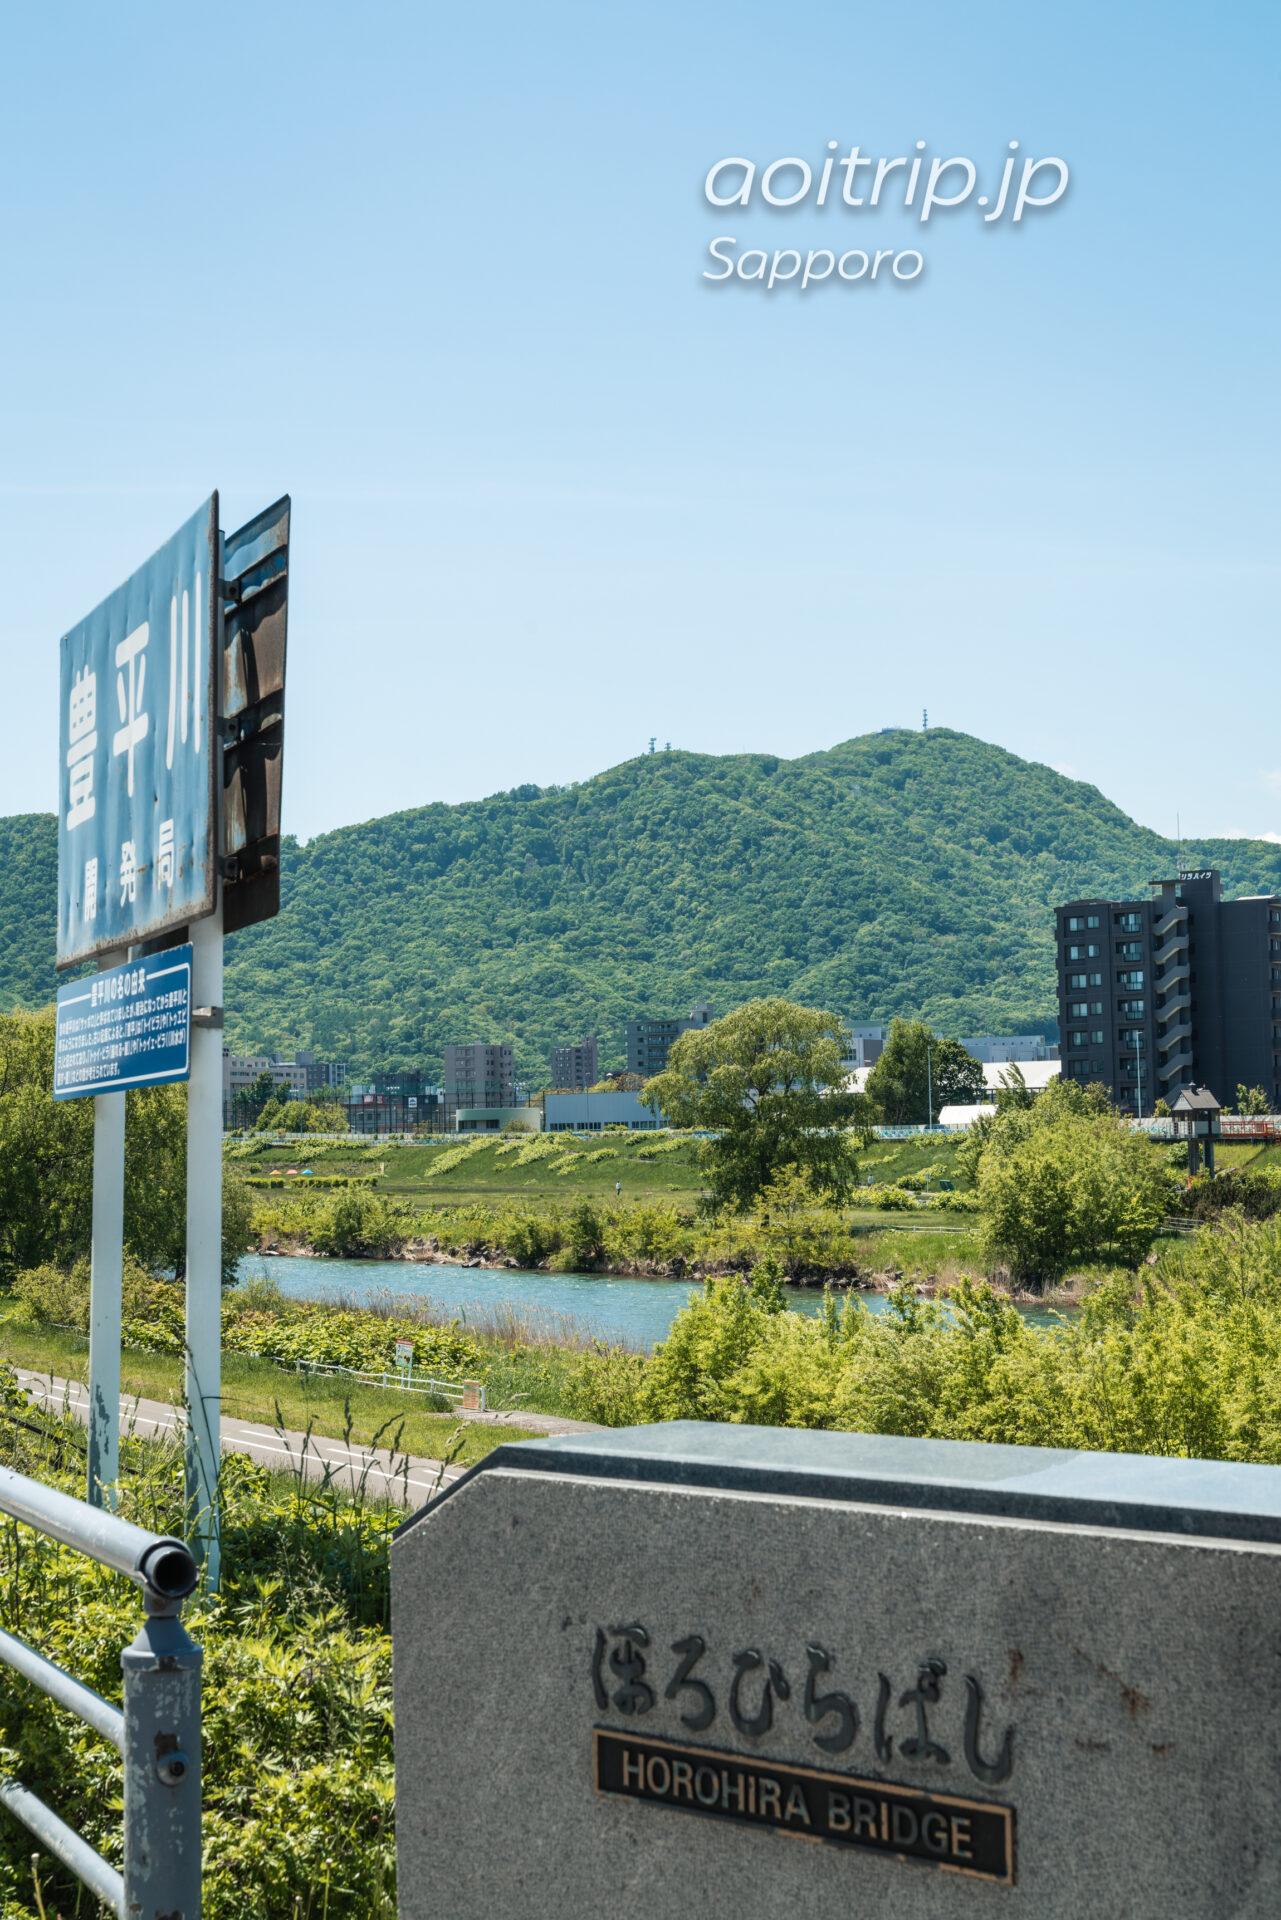 札幌の幌平橋から望む豊平川越しの藻岩山